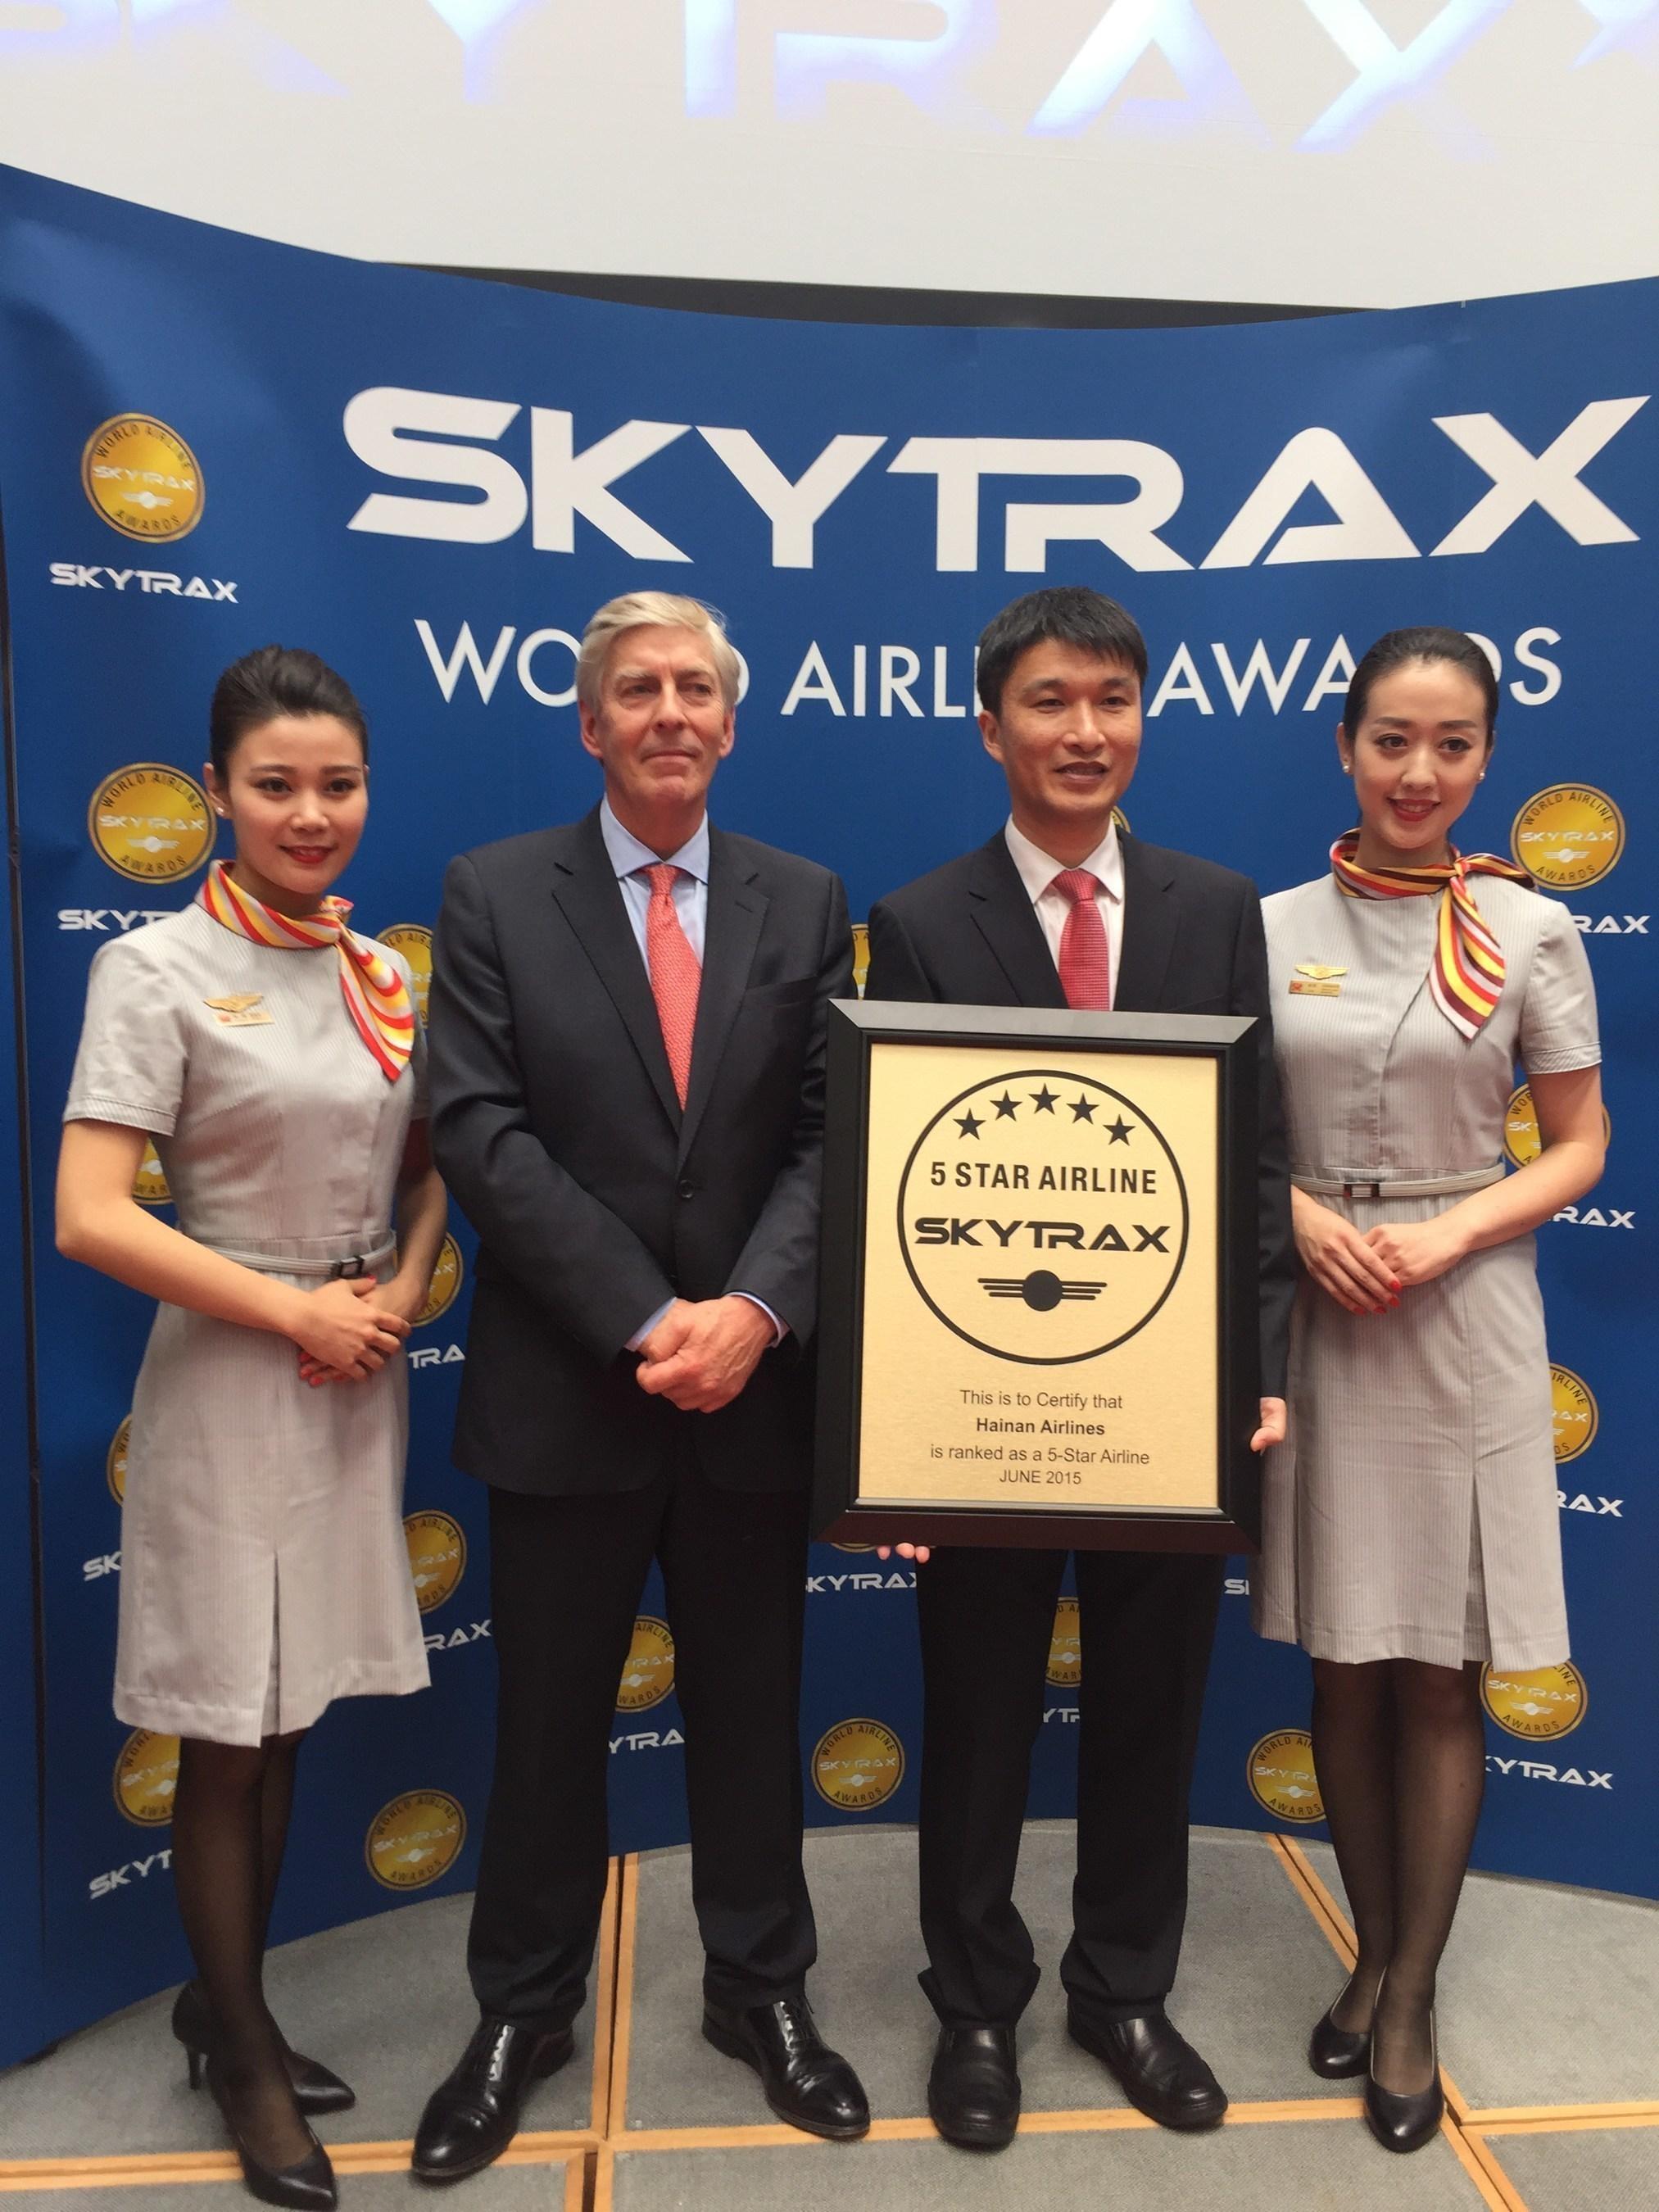 Hainan Airlines est désignée comme compagnie aérienne cinq étoiles par SKYTRAX pour la cinquième